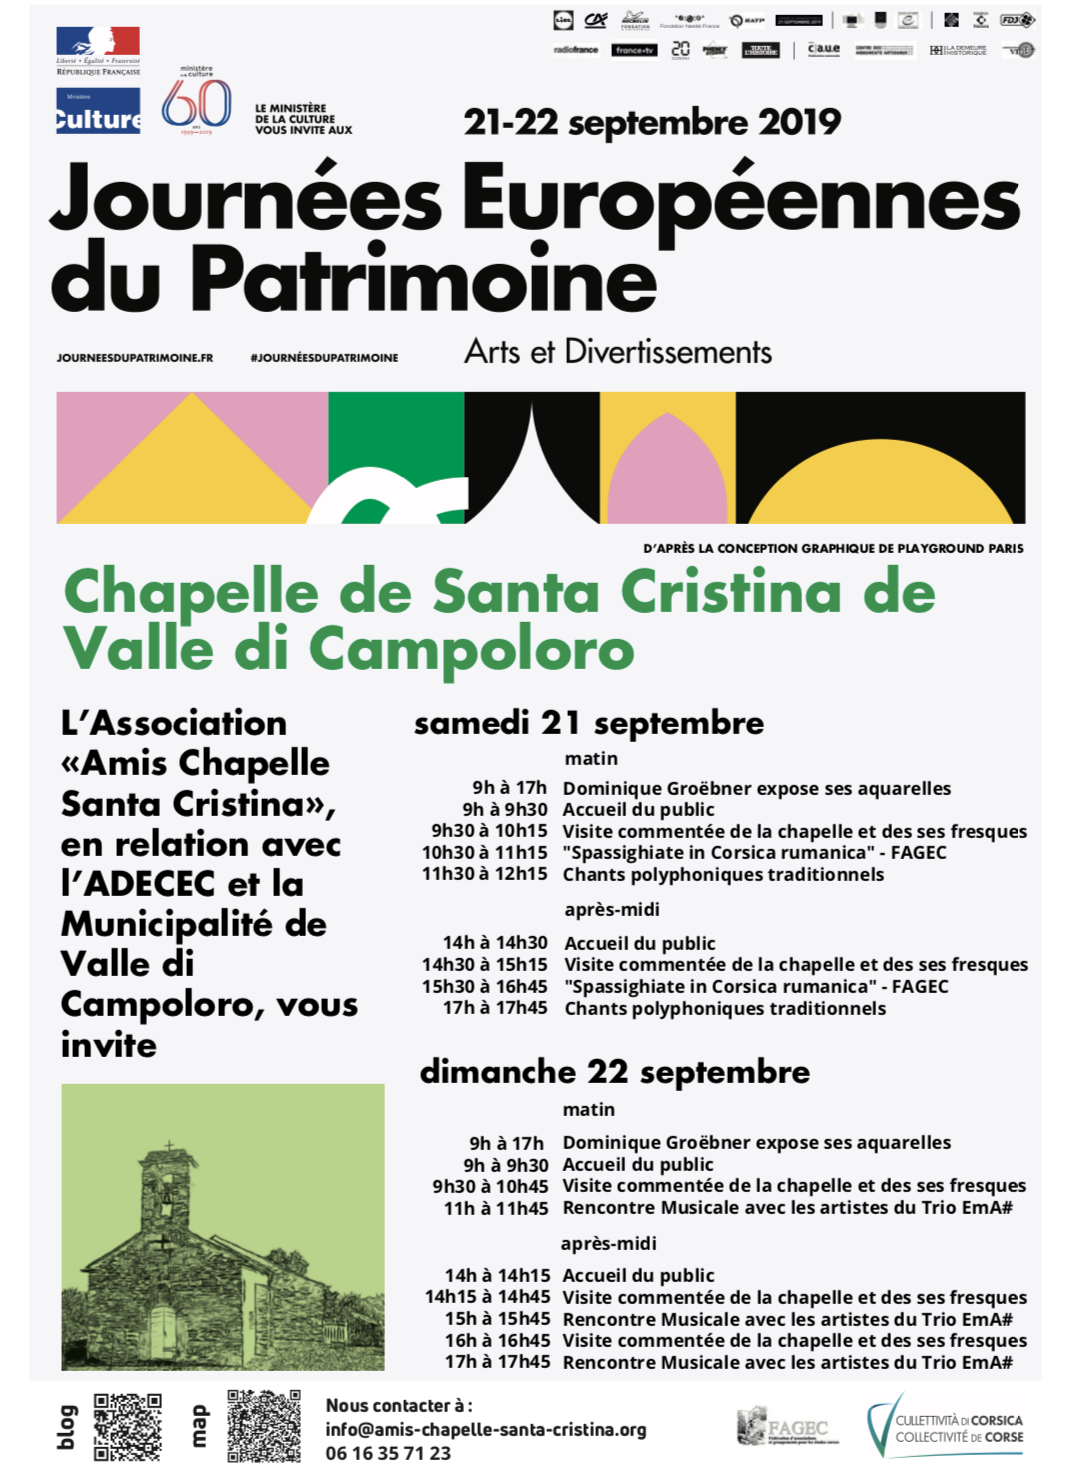 """Célébrez les Journées européennes du patrimoine """"Arts & divertissements"""" à la Chapelle Santa Cristina di Campulori"""